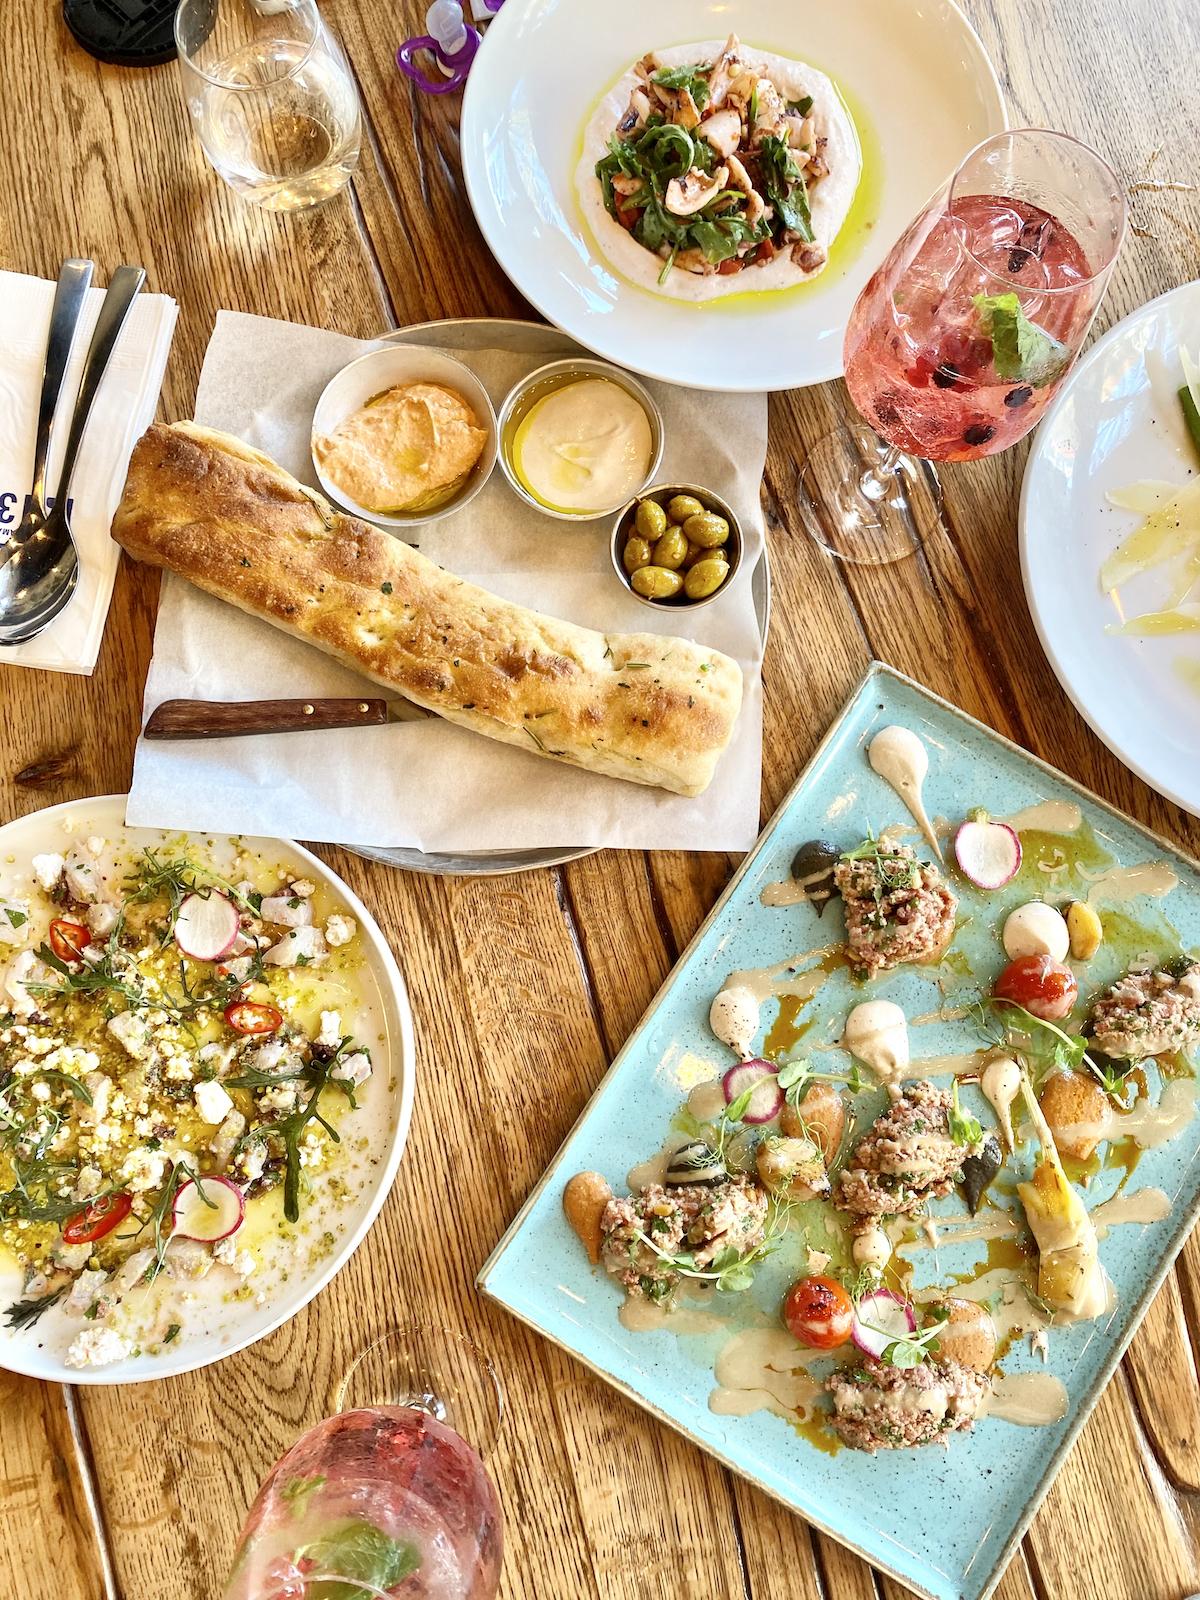 איפה אוכלים השפים בחיפה שירי ויצנר חיפאית שף עלאא מוסא 2 מסעדת לוקס